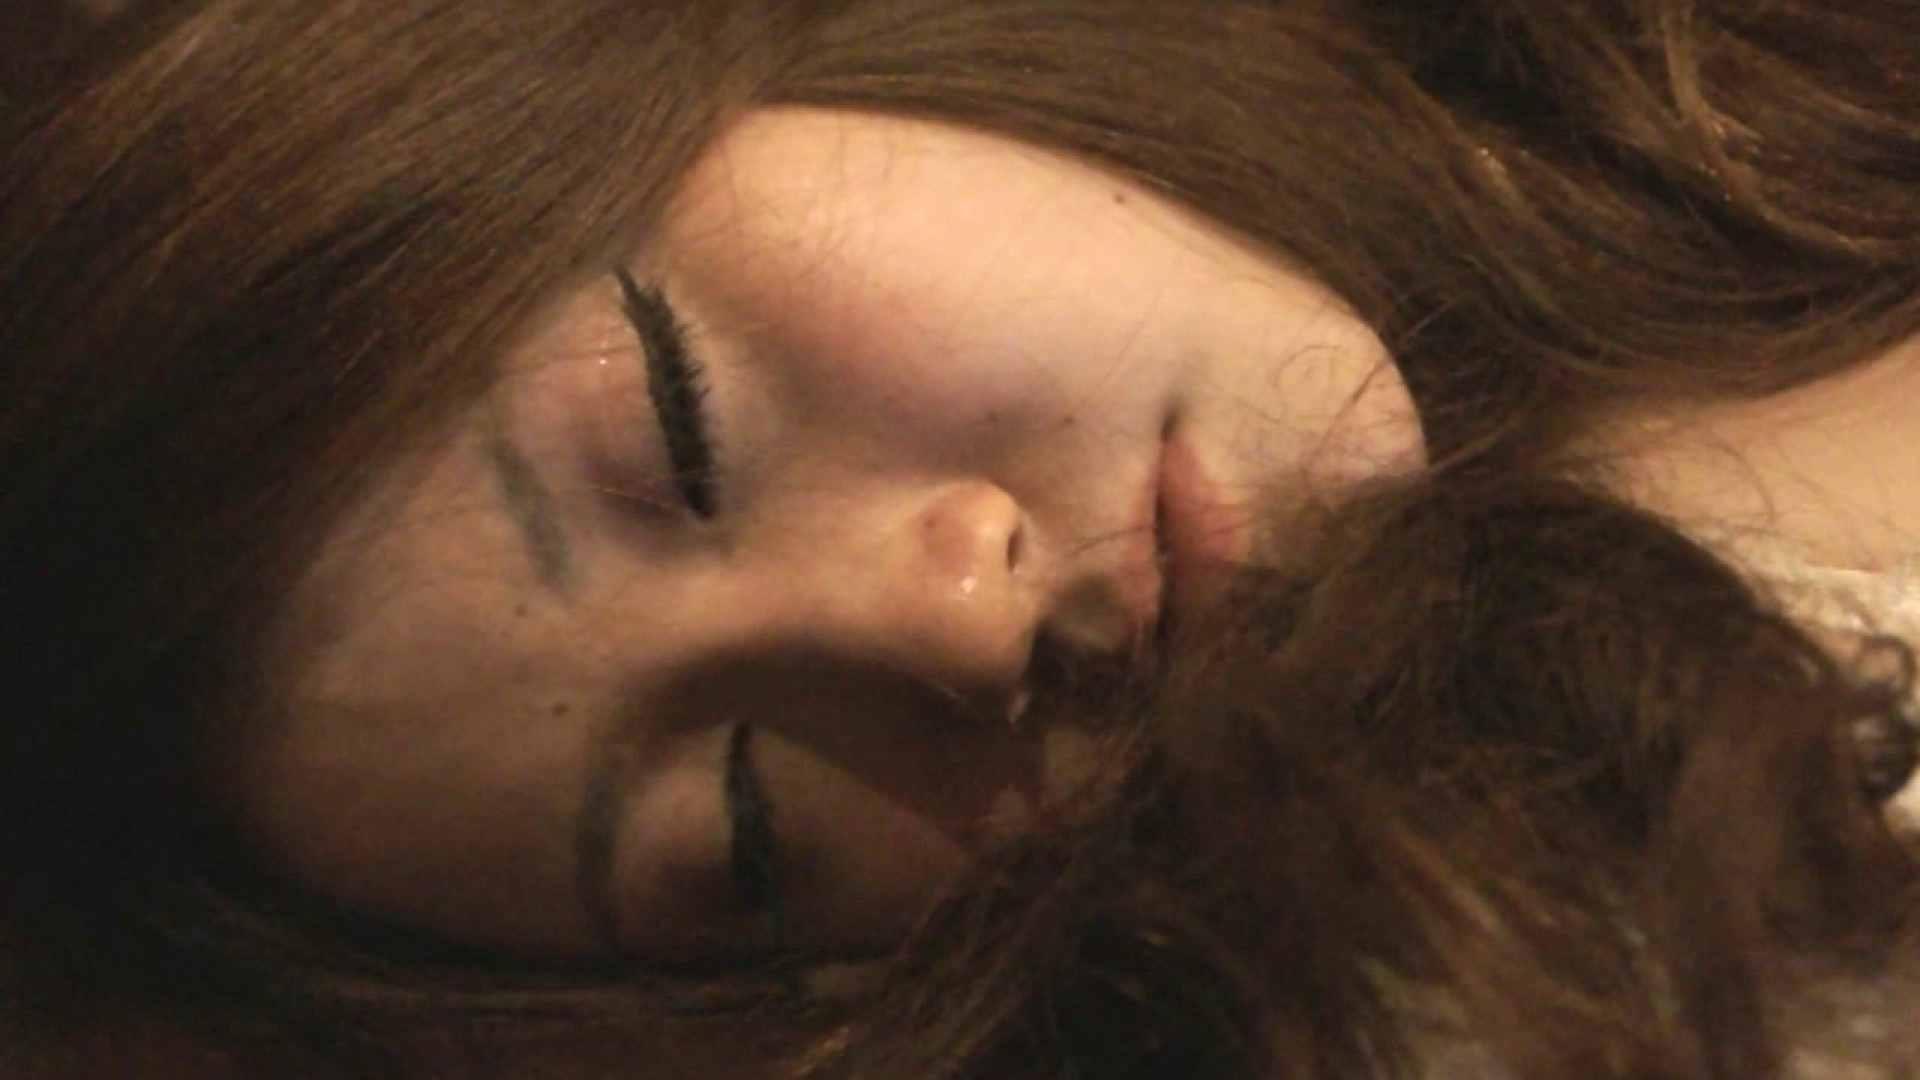 魔術師の お・も・て・な・し vol.10 19歳女子大生にカラオケでイタズラ 萌え女子大生  79連発 30